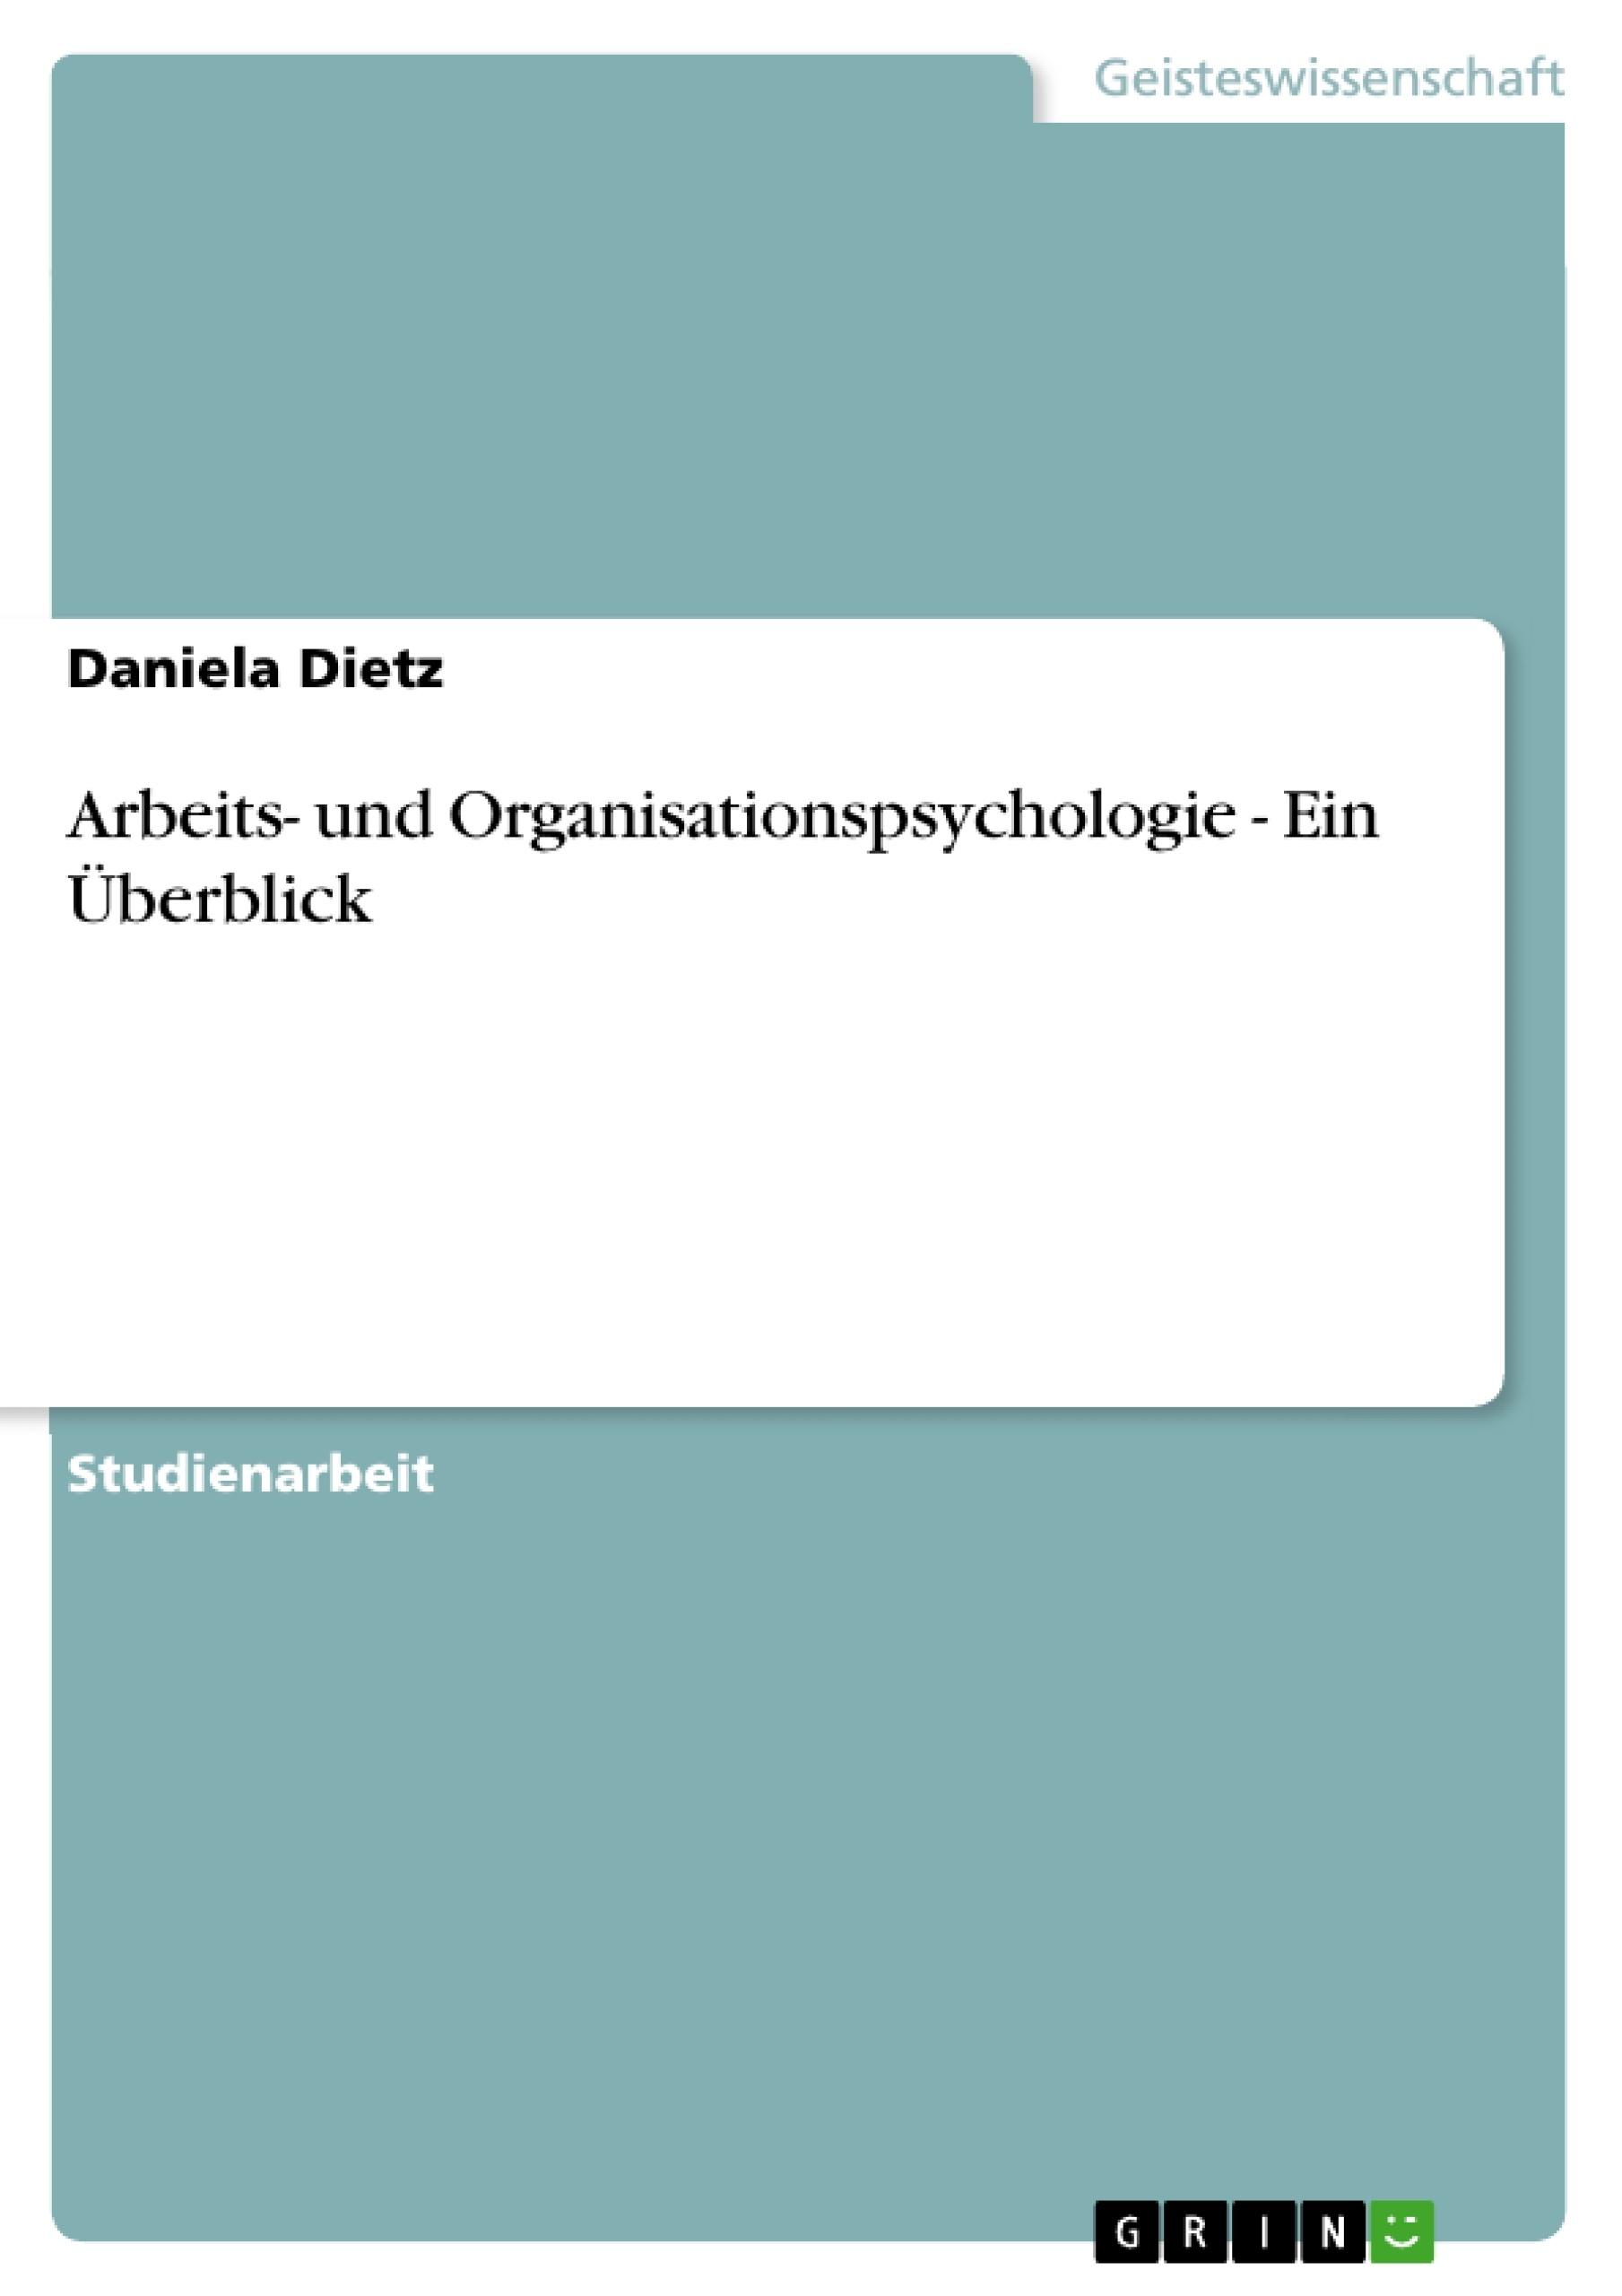 Titel: Arbeits- und Organisationspsychologie - Ein Überblick